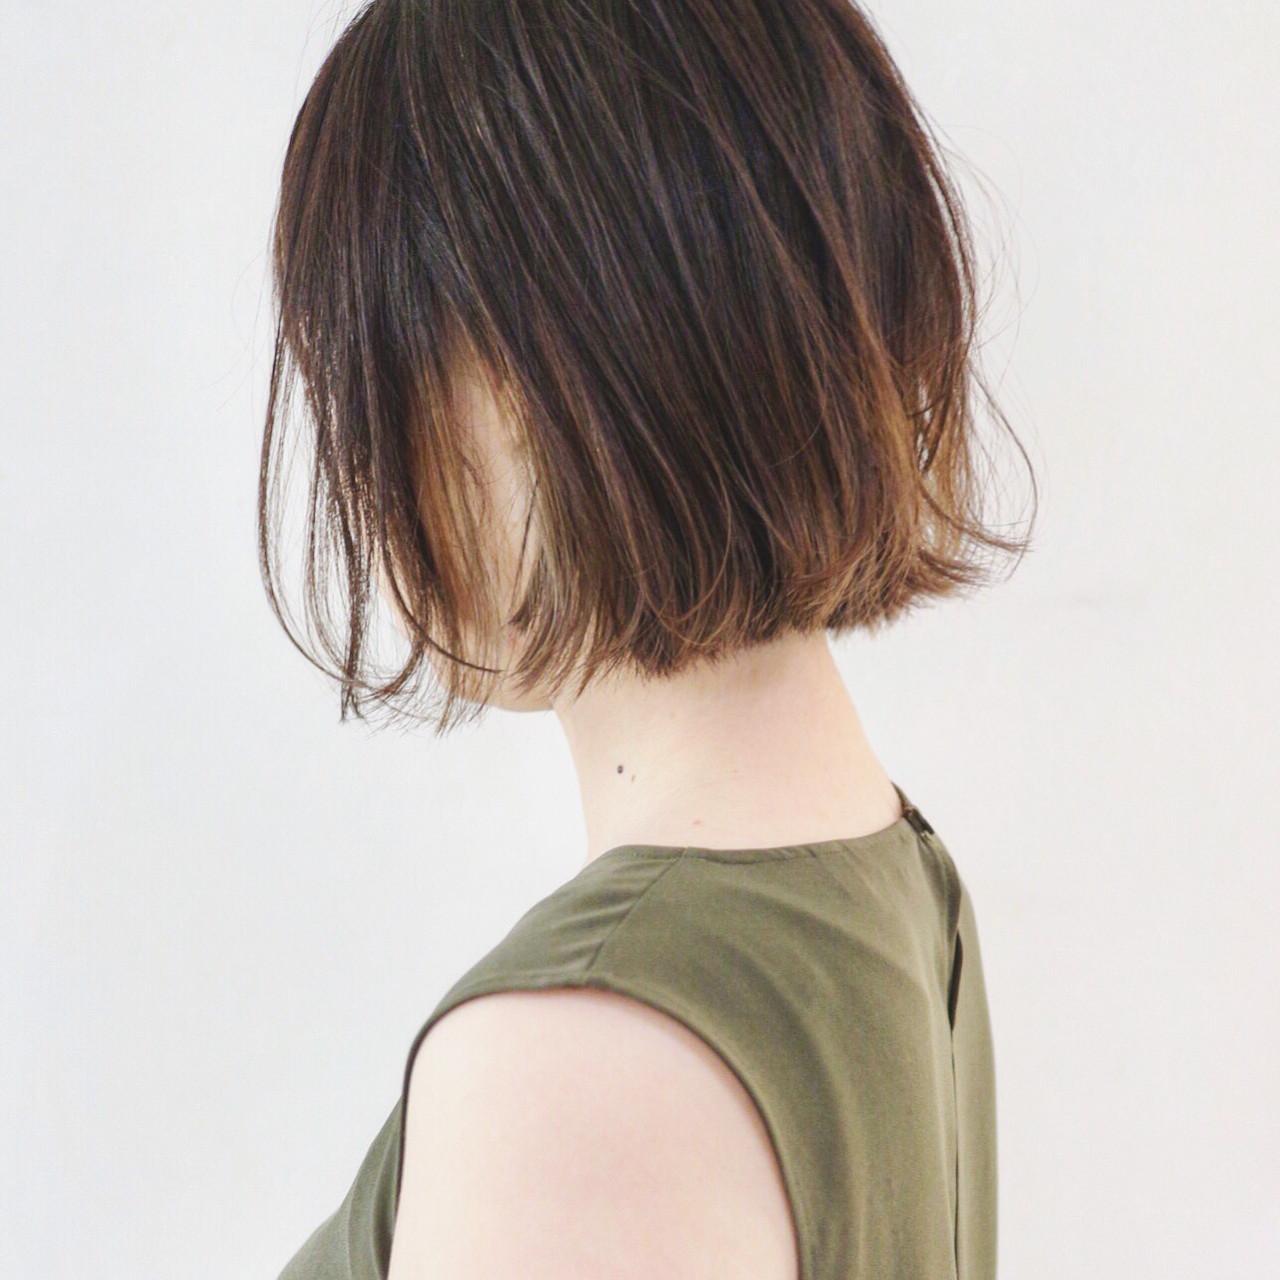 グレージュ インナーカラー 外ハネボブ バレイヤージュ ヘアスタイルや髪型の写真・画像